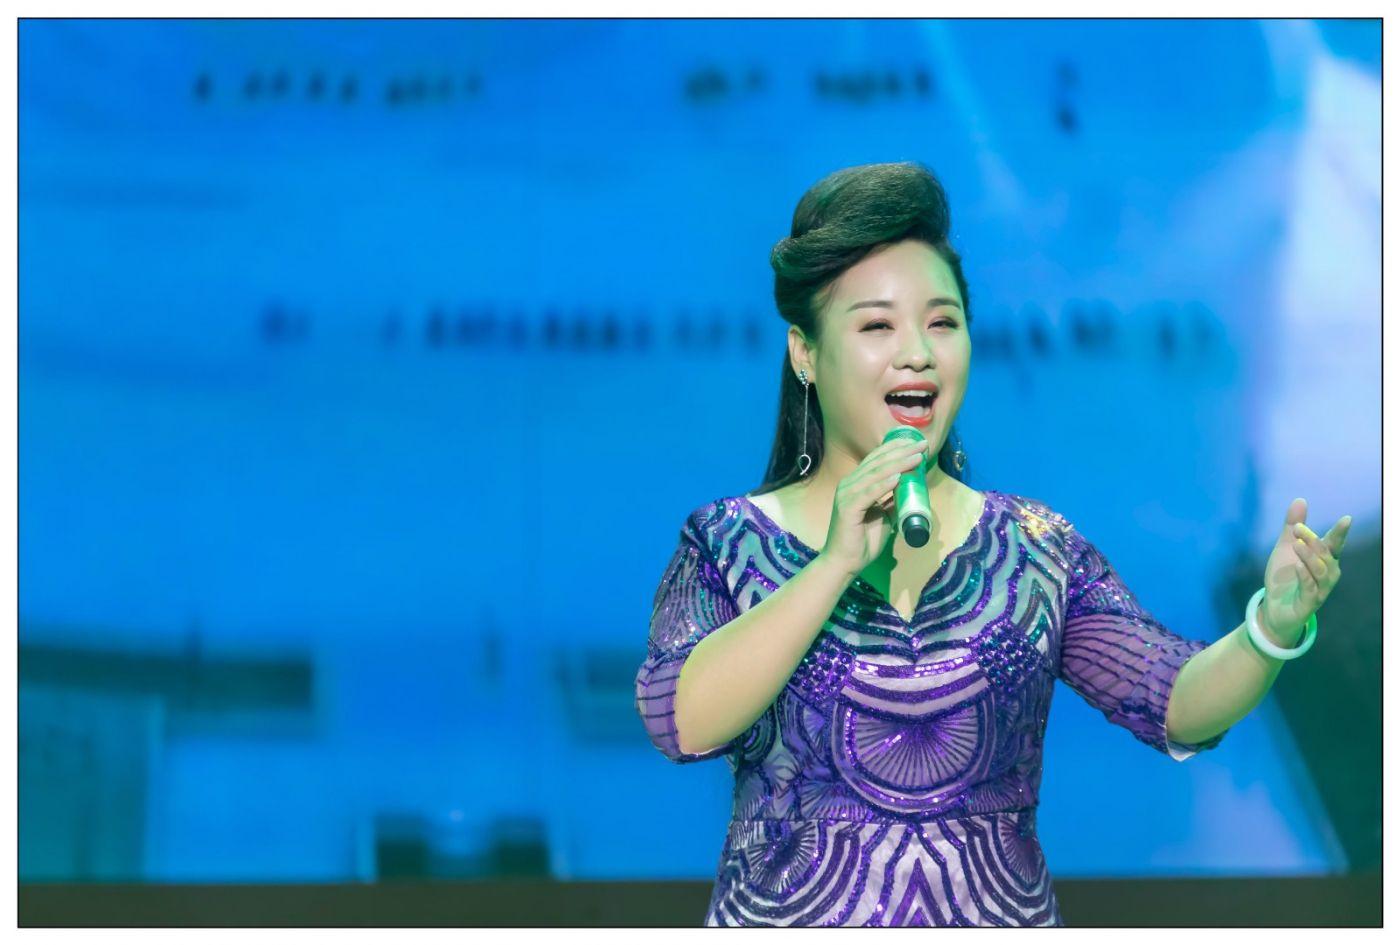 临沂姑娘杨妮妮曾感动春晚总动员 今晚在临沂电视台大放异彩 ..._图1-4